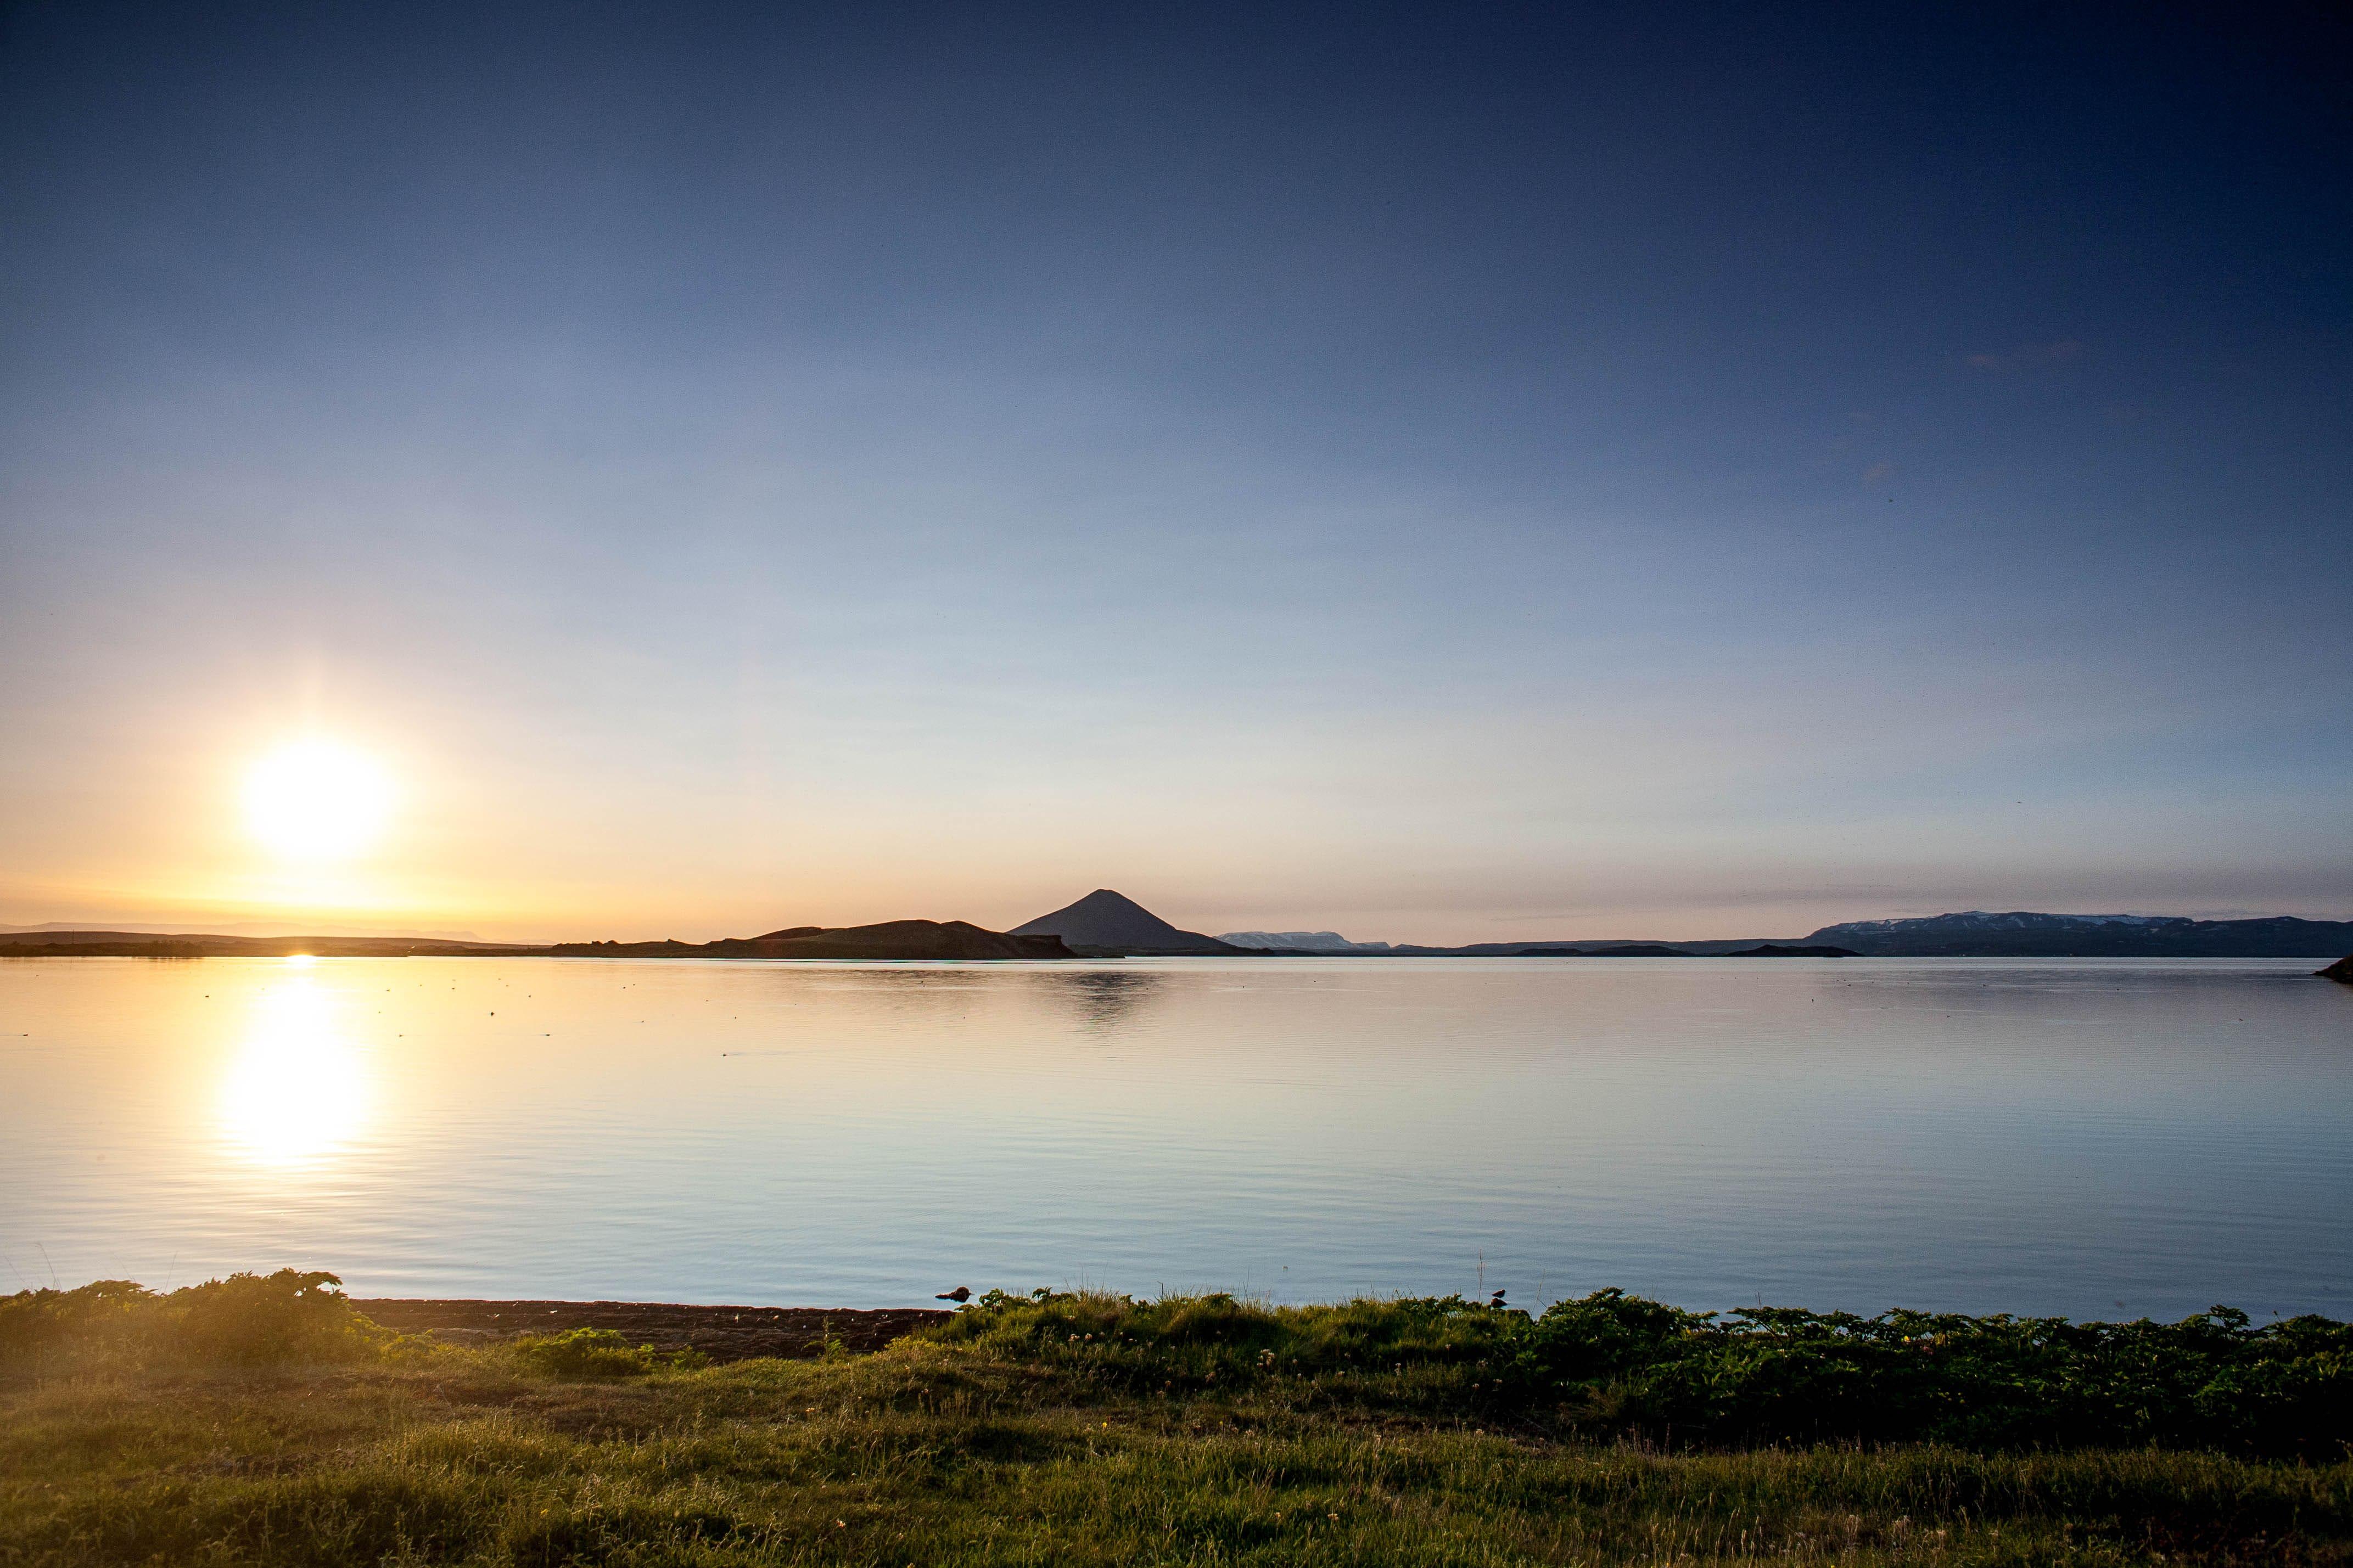 Der Mývatn-See ist für seine reiche Flora und Fauna bekannt und an ruhigen Sommertagen atemberaubend.